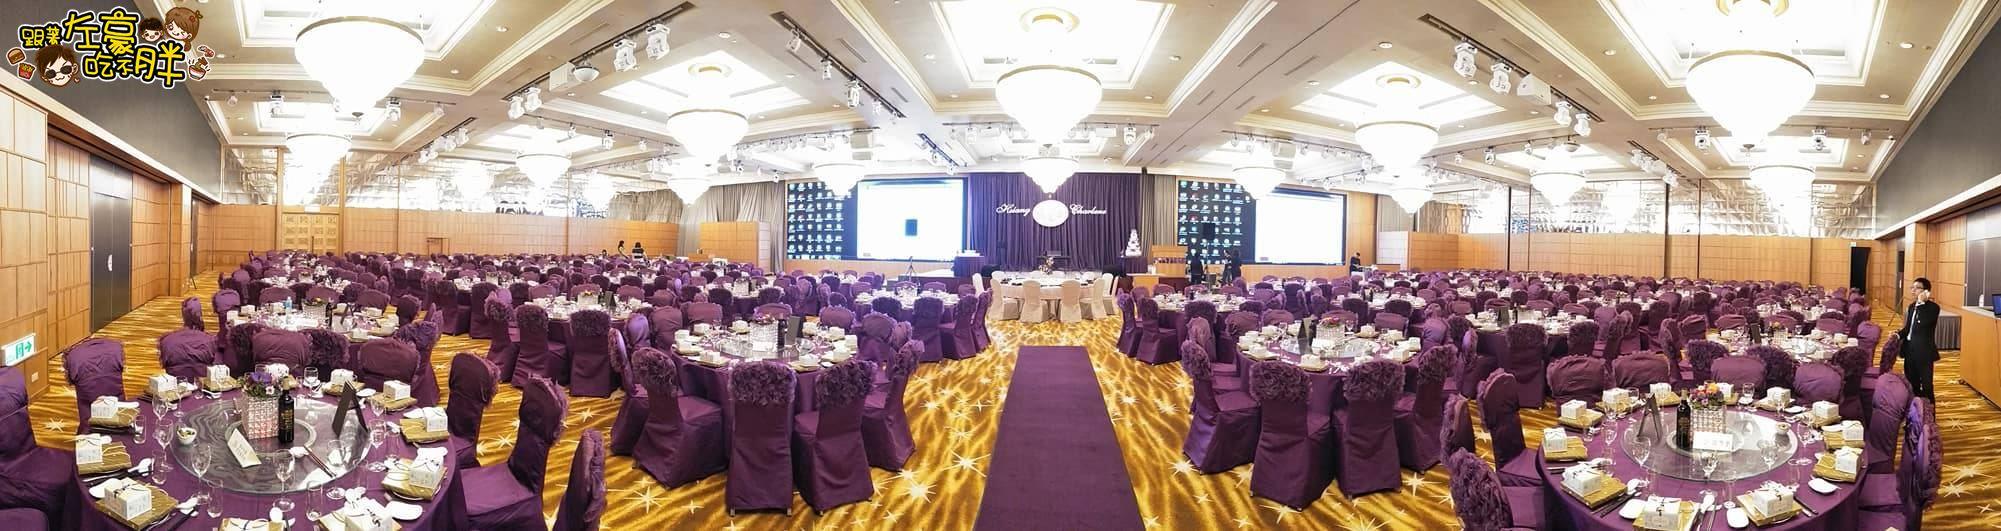 漢來大飯店喜宴會館-全景圖2